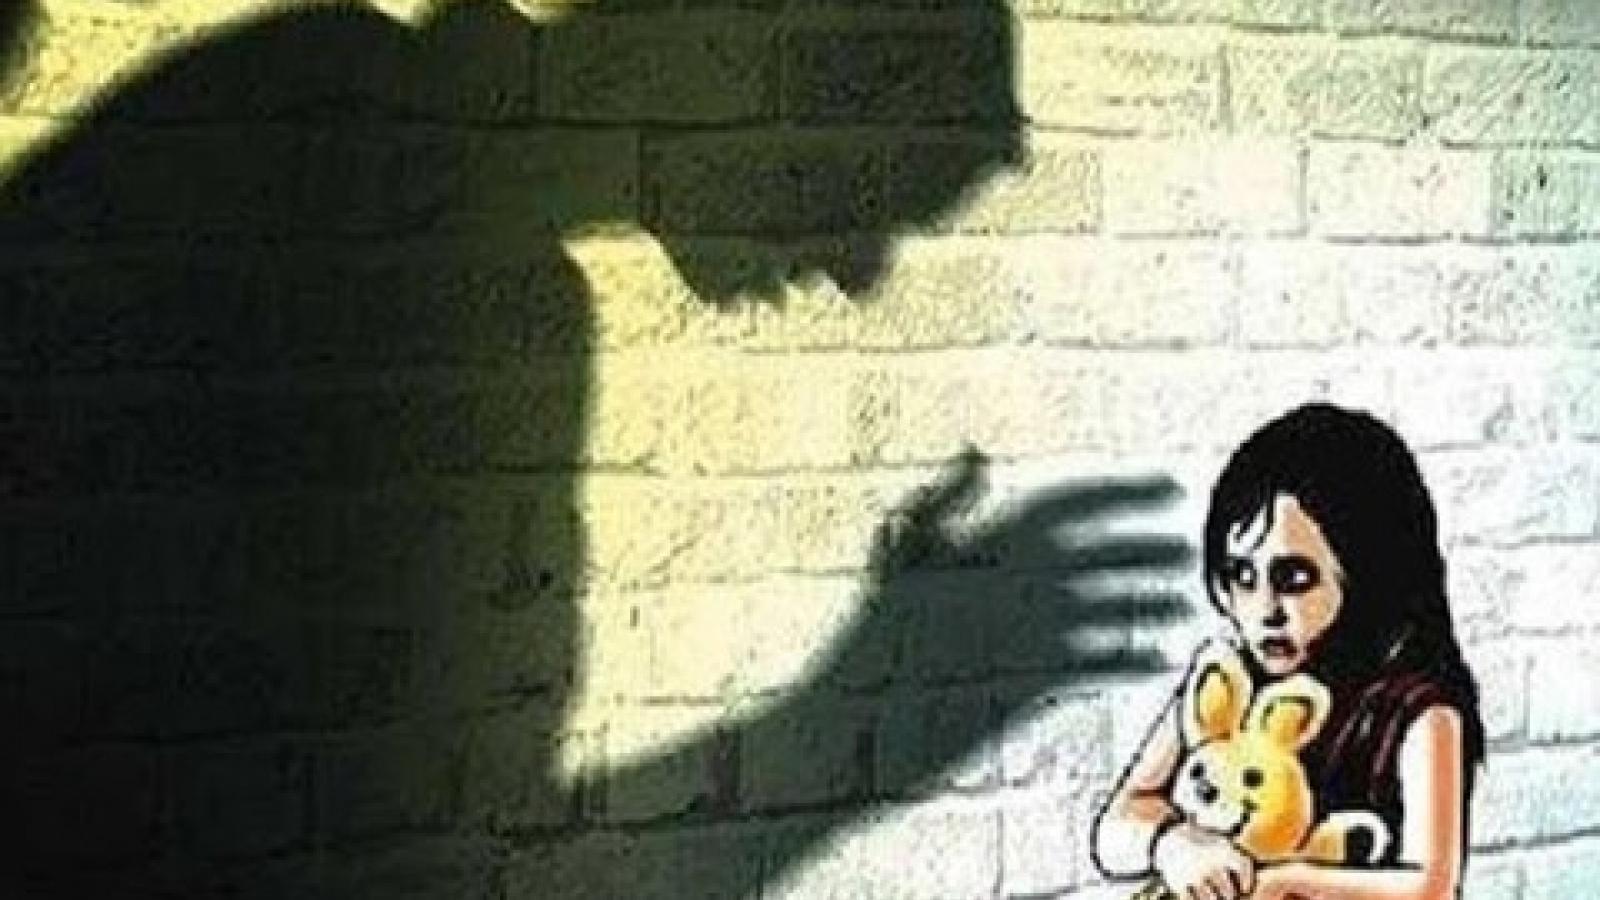 Xâm hại, bạo hành tinh thần trẻ em: Góc khuất và giải pháp ngăn chặn